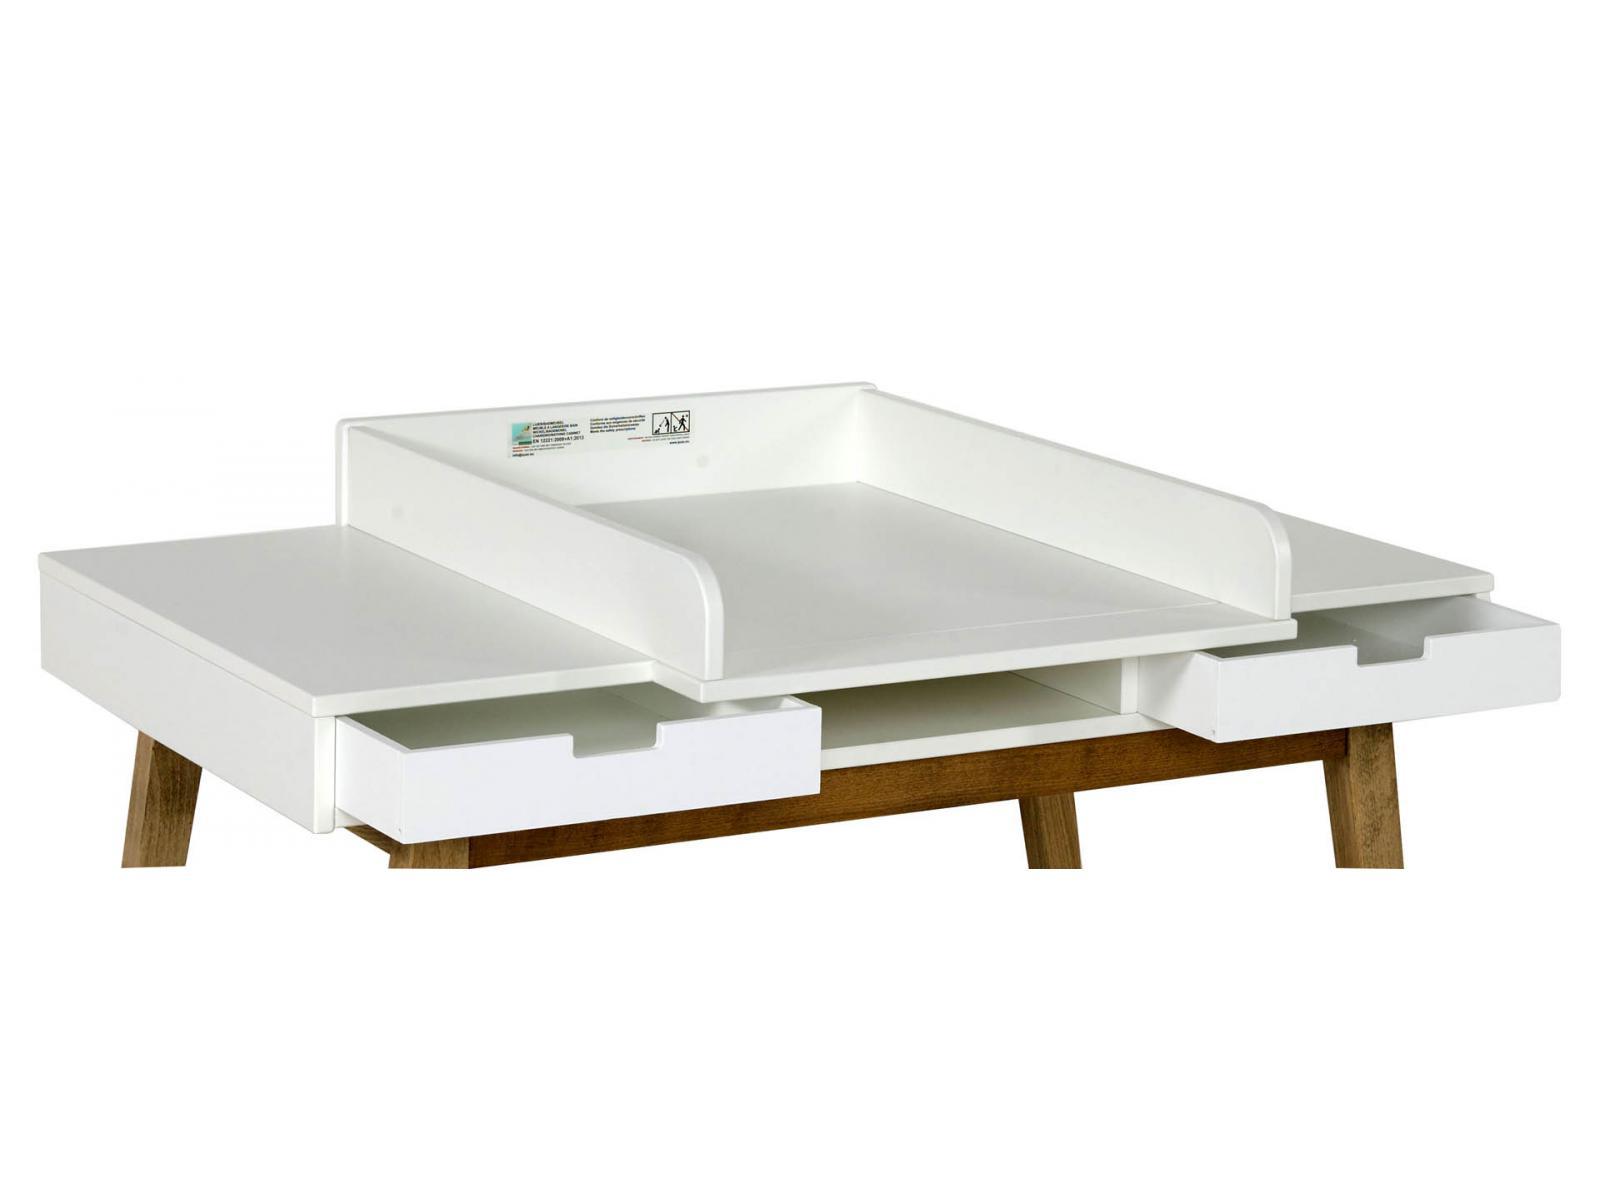 Quax rallonge pour bureau trendy blanc for Chambre quax trendy